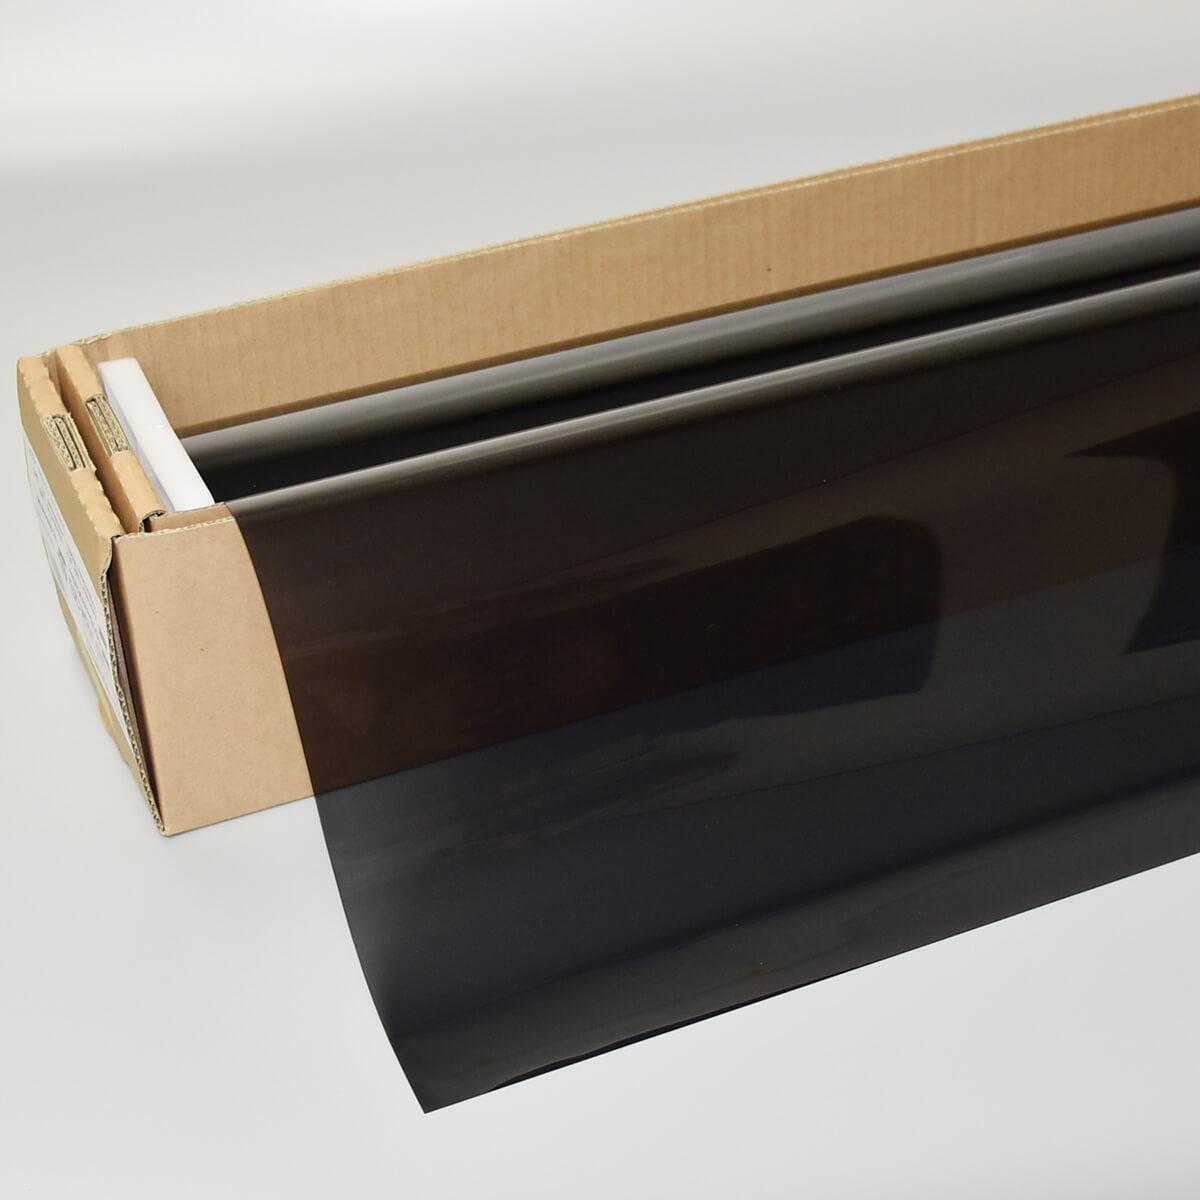 NEWレギュラー・スモーク20(20%) 1m幅×30mロール箱売 カーフィルム スモークフィルム UVカットフィルム ブレインテック Braintec #NR-BK2040 Roll#